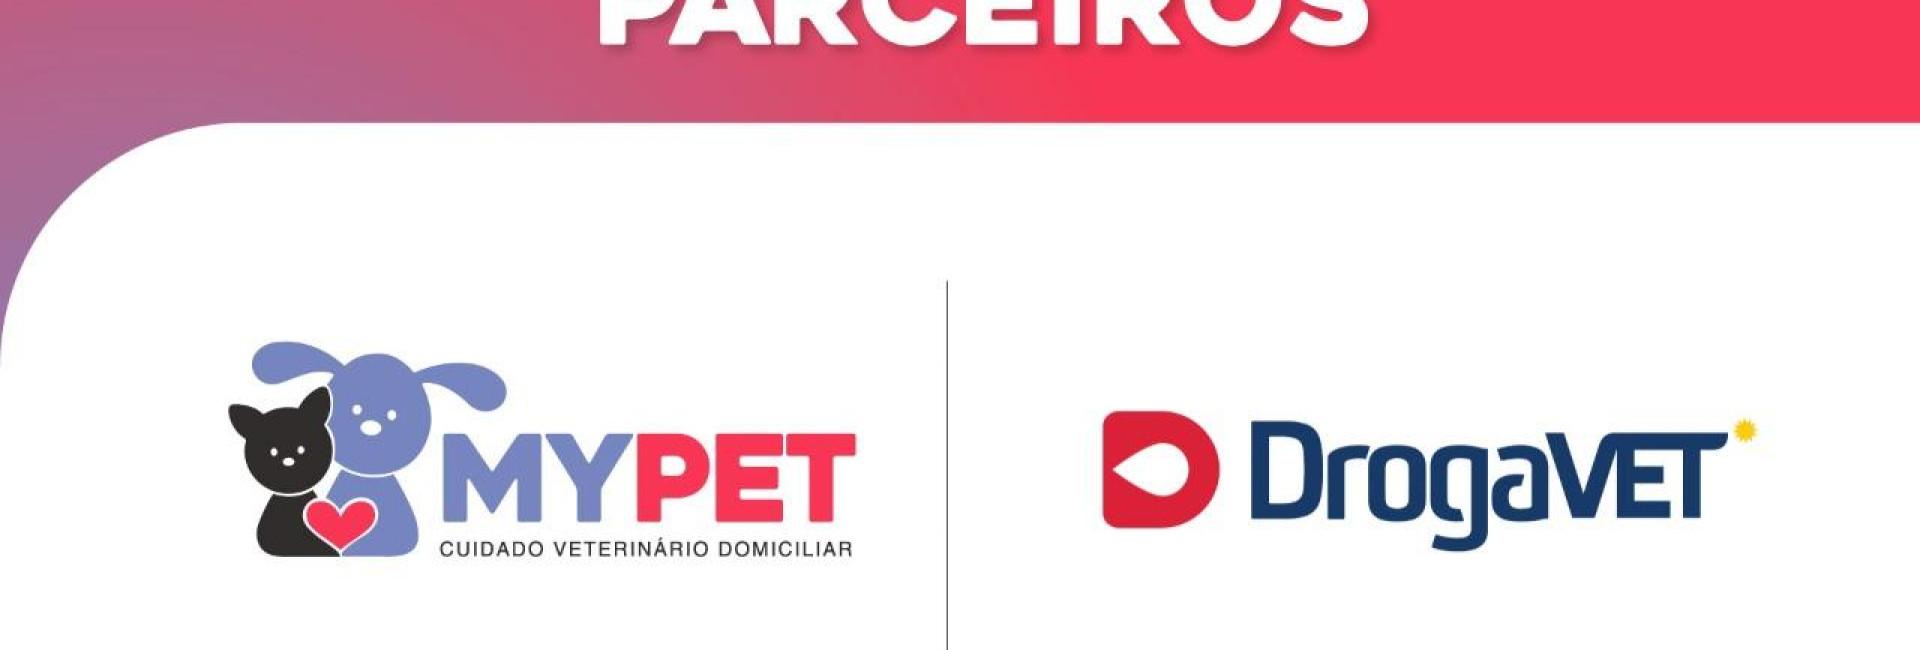 My Pet e DrogaVet: uma parceria pelo bem-estar animal